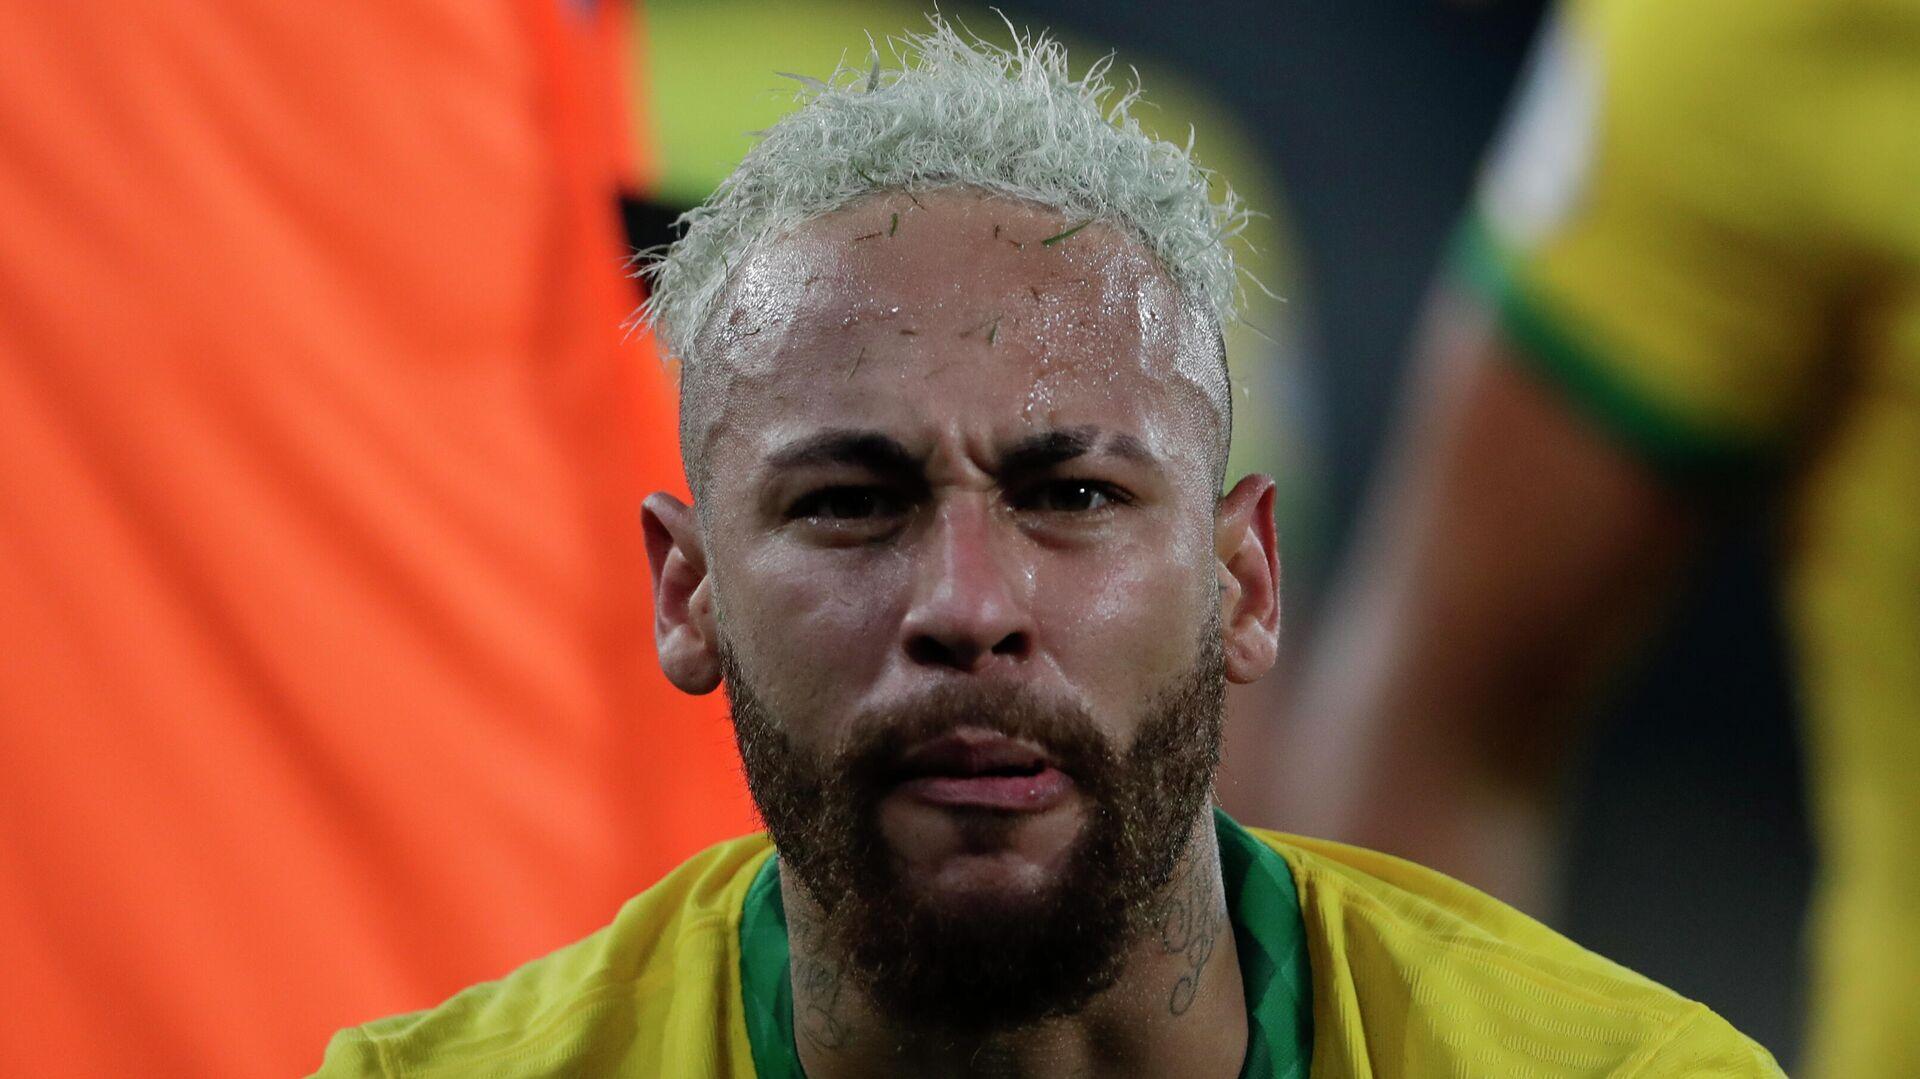 El futbolista brasileño Neymar celebra un gol durante la Copa América 2021 - Sputnik Mundo, 1920, 25.06.2021